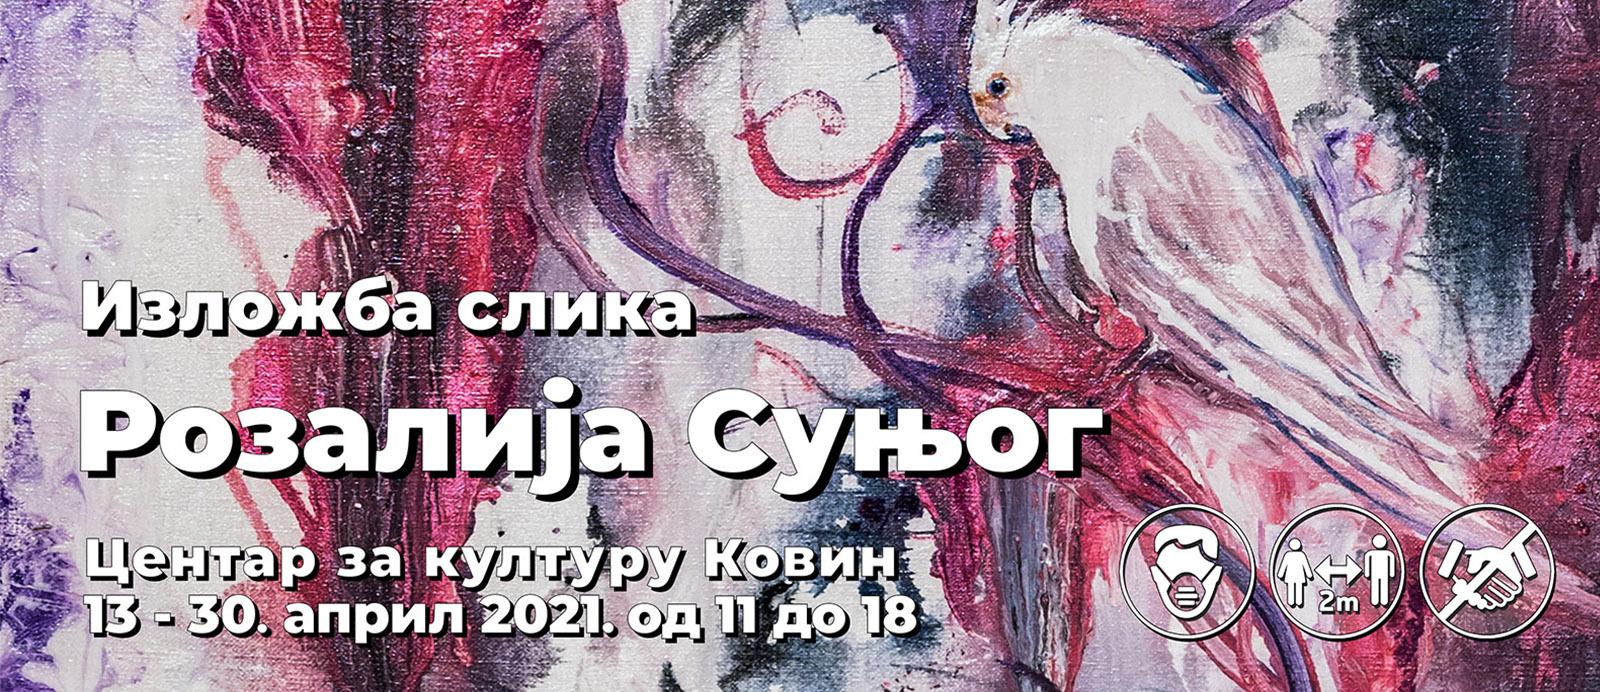 Изложба слика Розалије Суњог